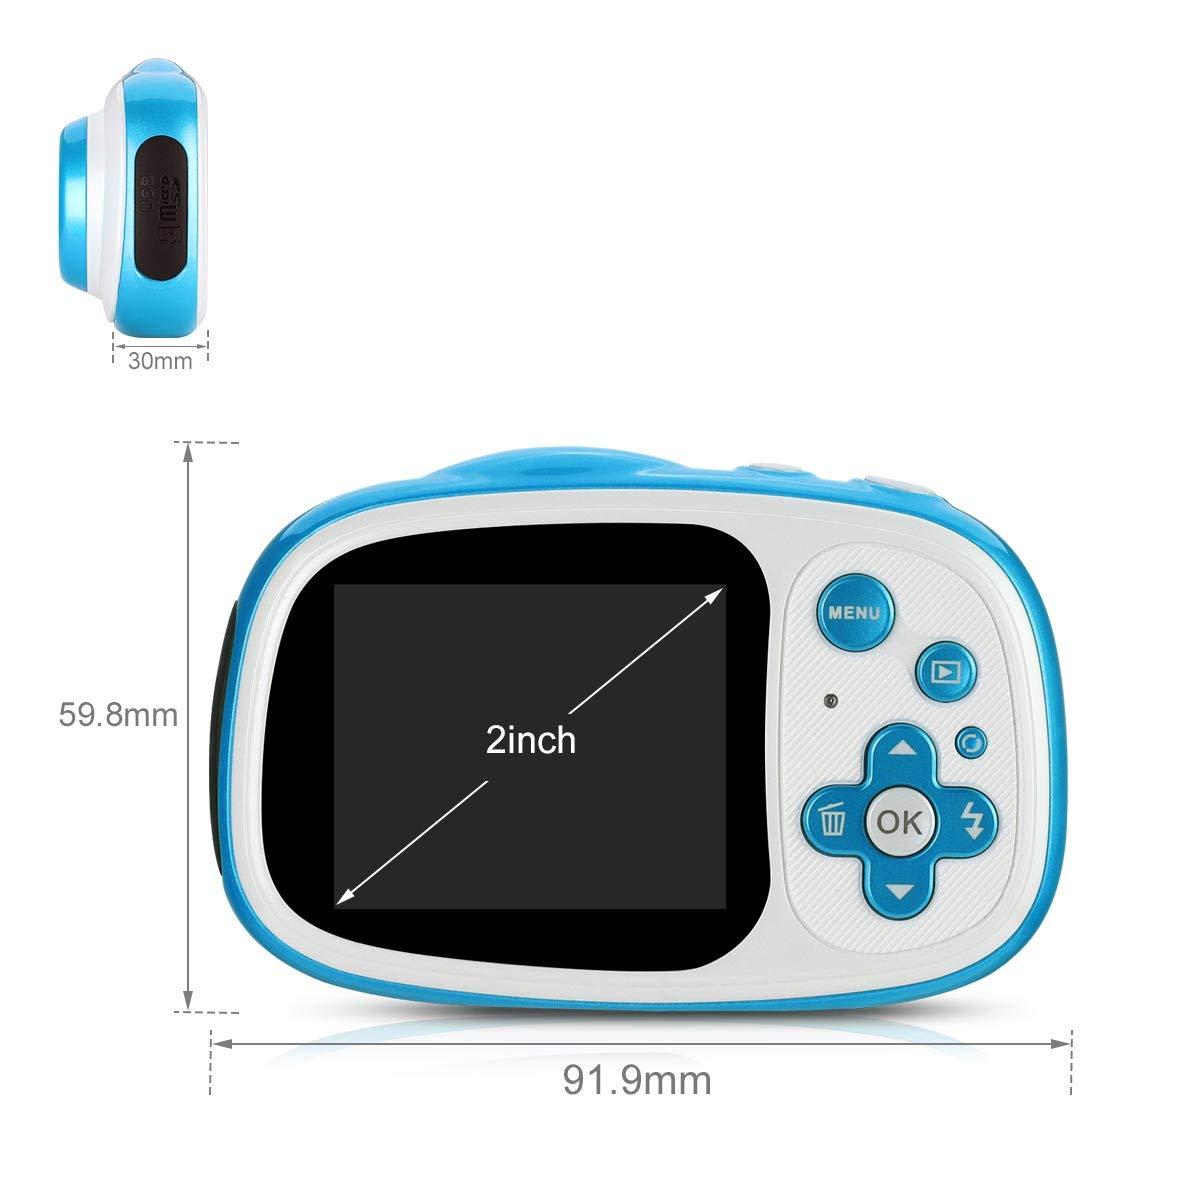 Blau Fascol Kinderkamera Wasserdichte Digitale Kamera f/ür Kinder Videokamera mit 32GB TF-Karte //HD 1080// 8 Megapixel// 2-Zoll-LCD